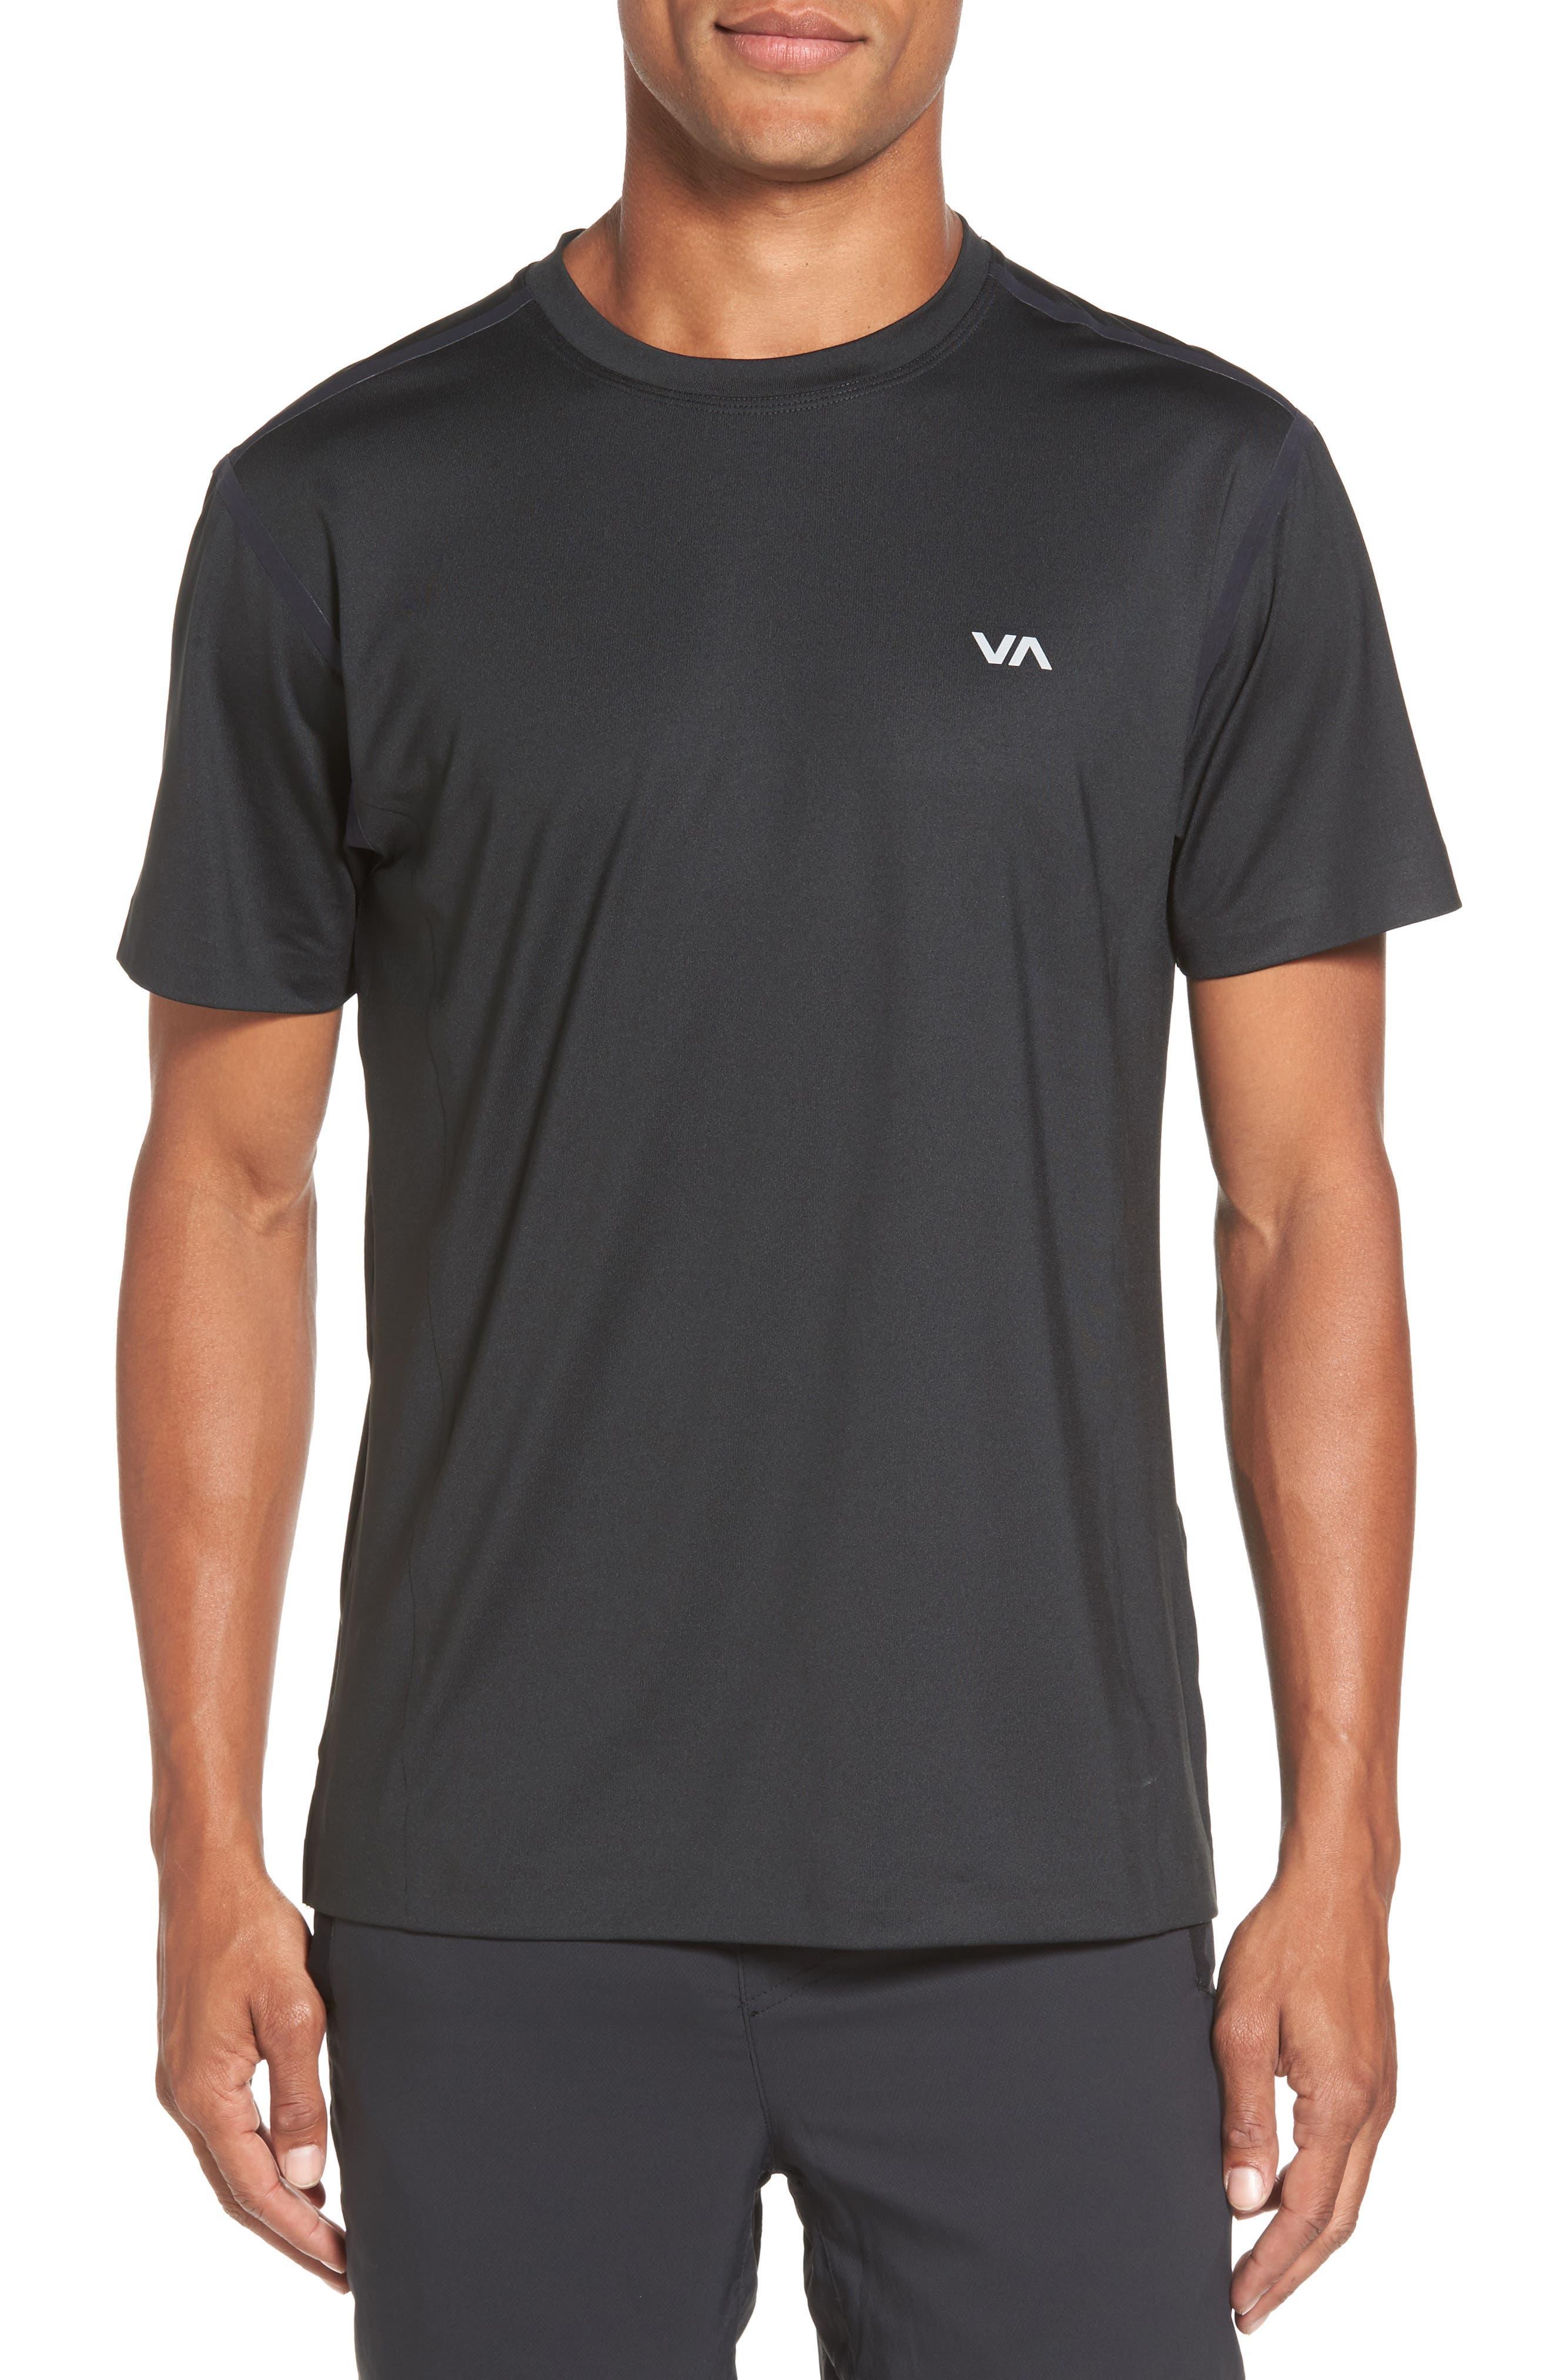 Main Image - RVCA VA Compression T-Shirt